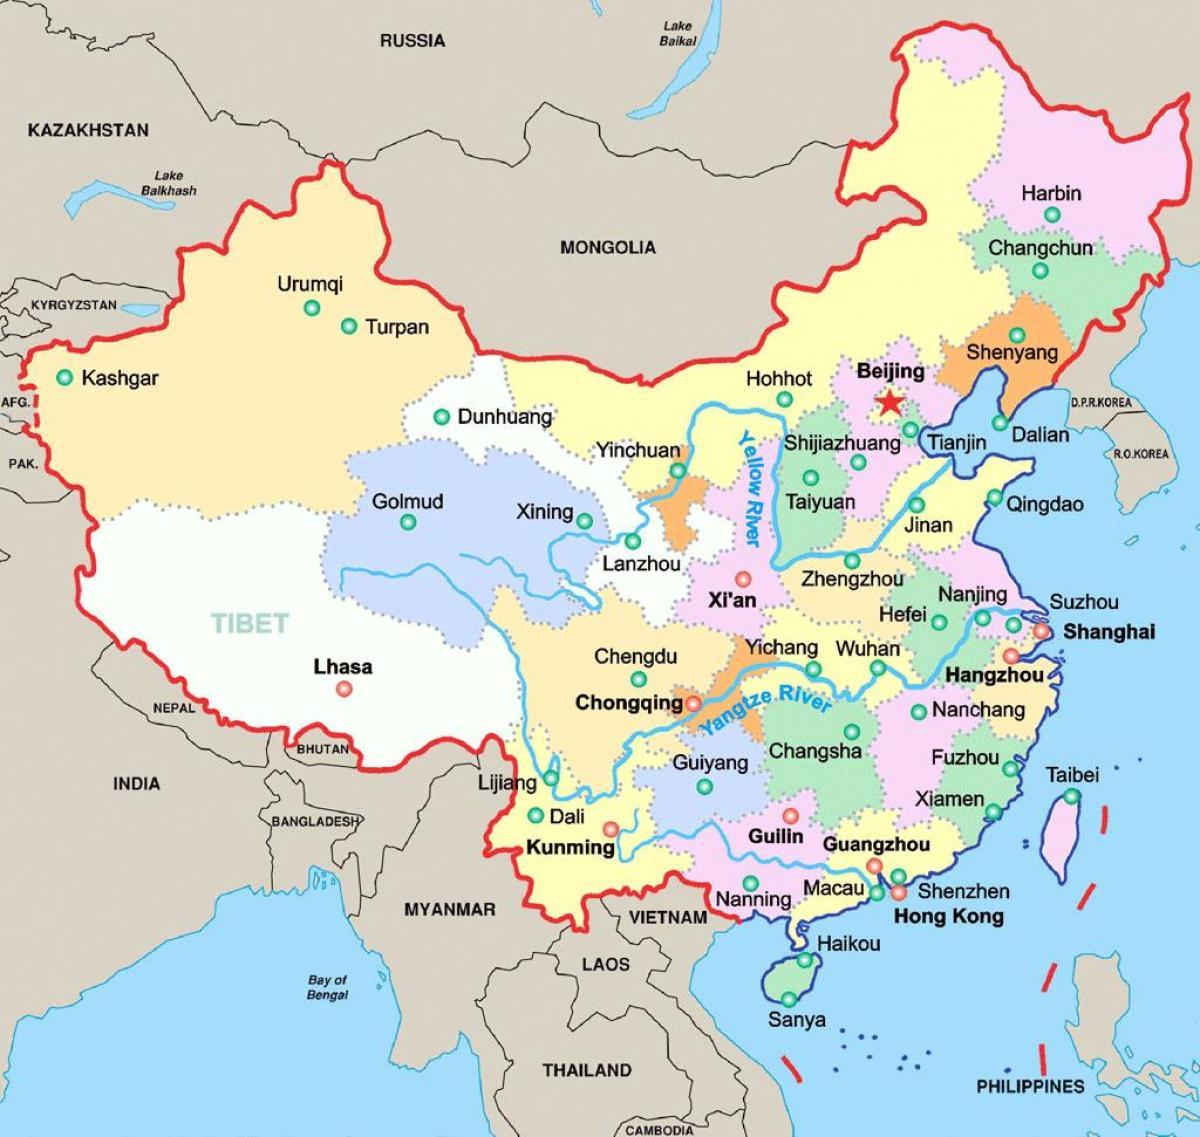 Ciudades De China Mapa.Mapa De China Con Las Principales Ciudades De China Las